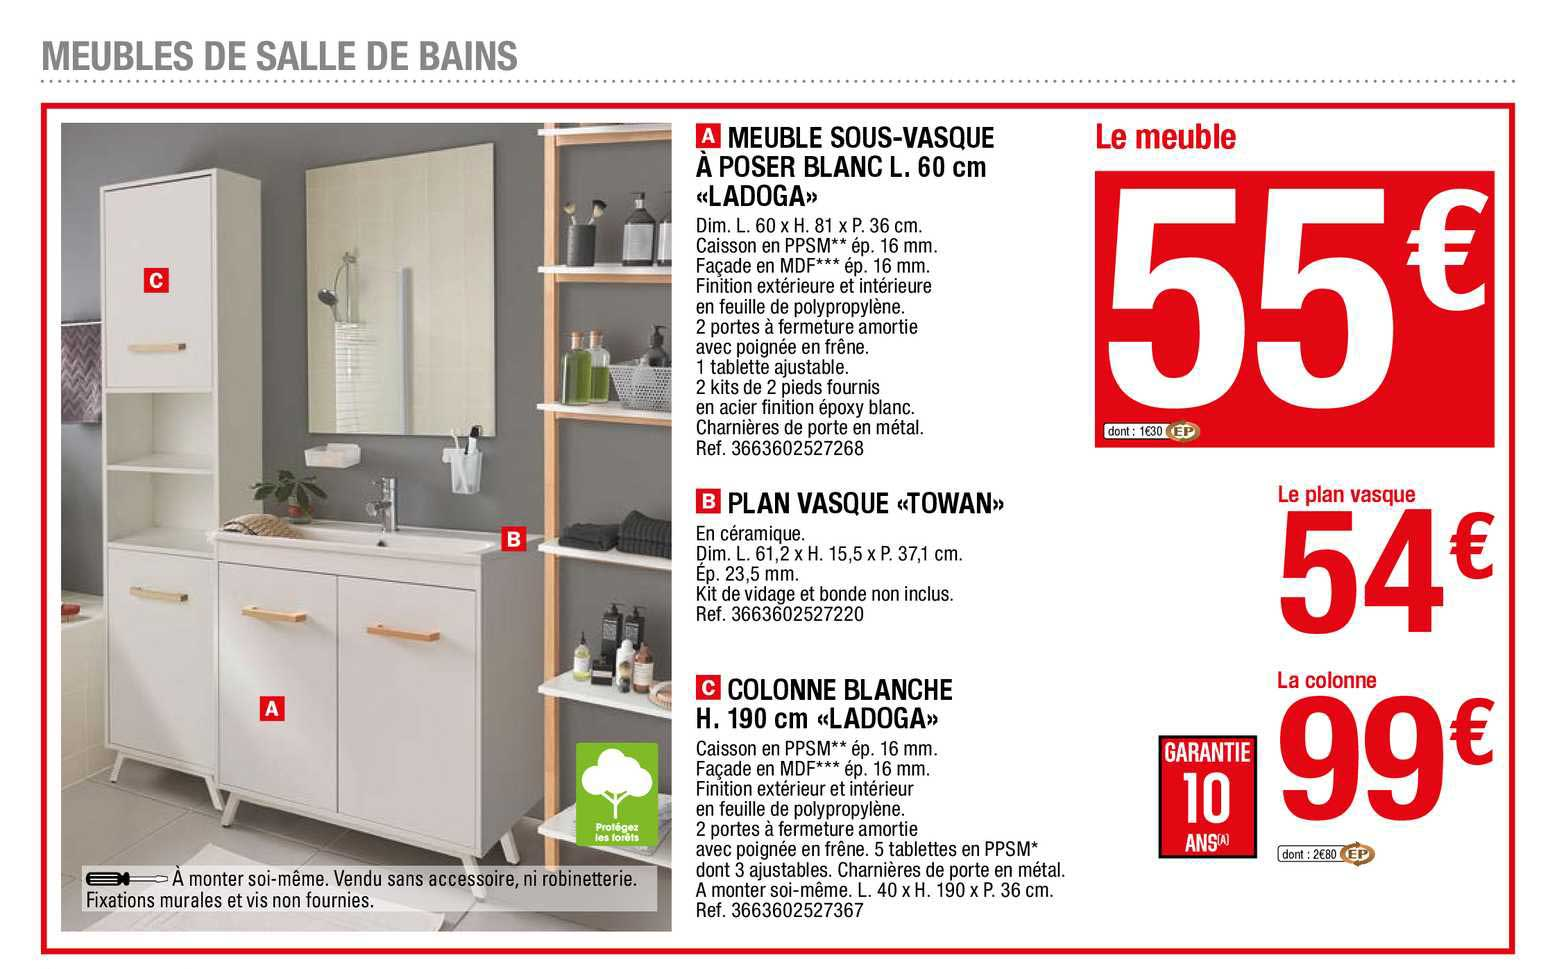 Offre Meuble Sous Vasque A Poser Blanc L 60 Cm Ladoga Plan Vasque Towan Colonne Blanche H 190 Cm Ladoga Chez Brico Depot